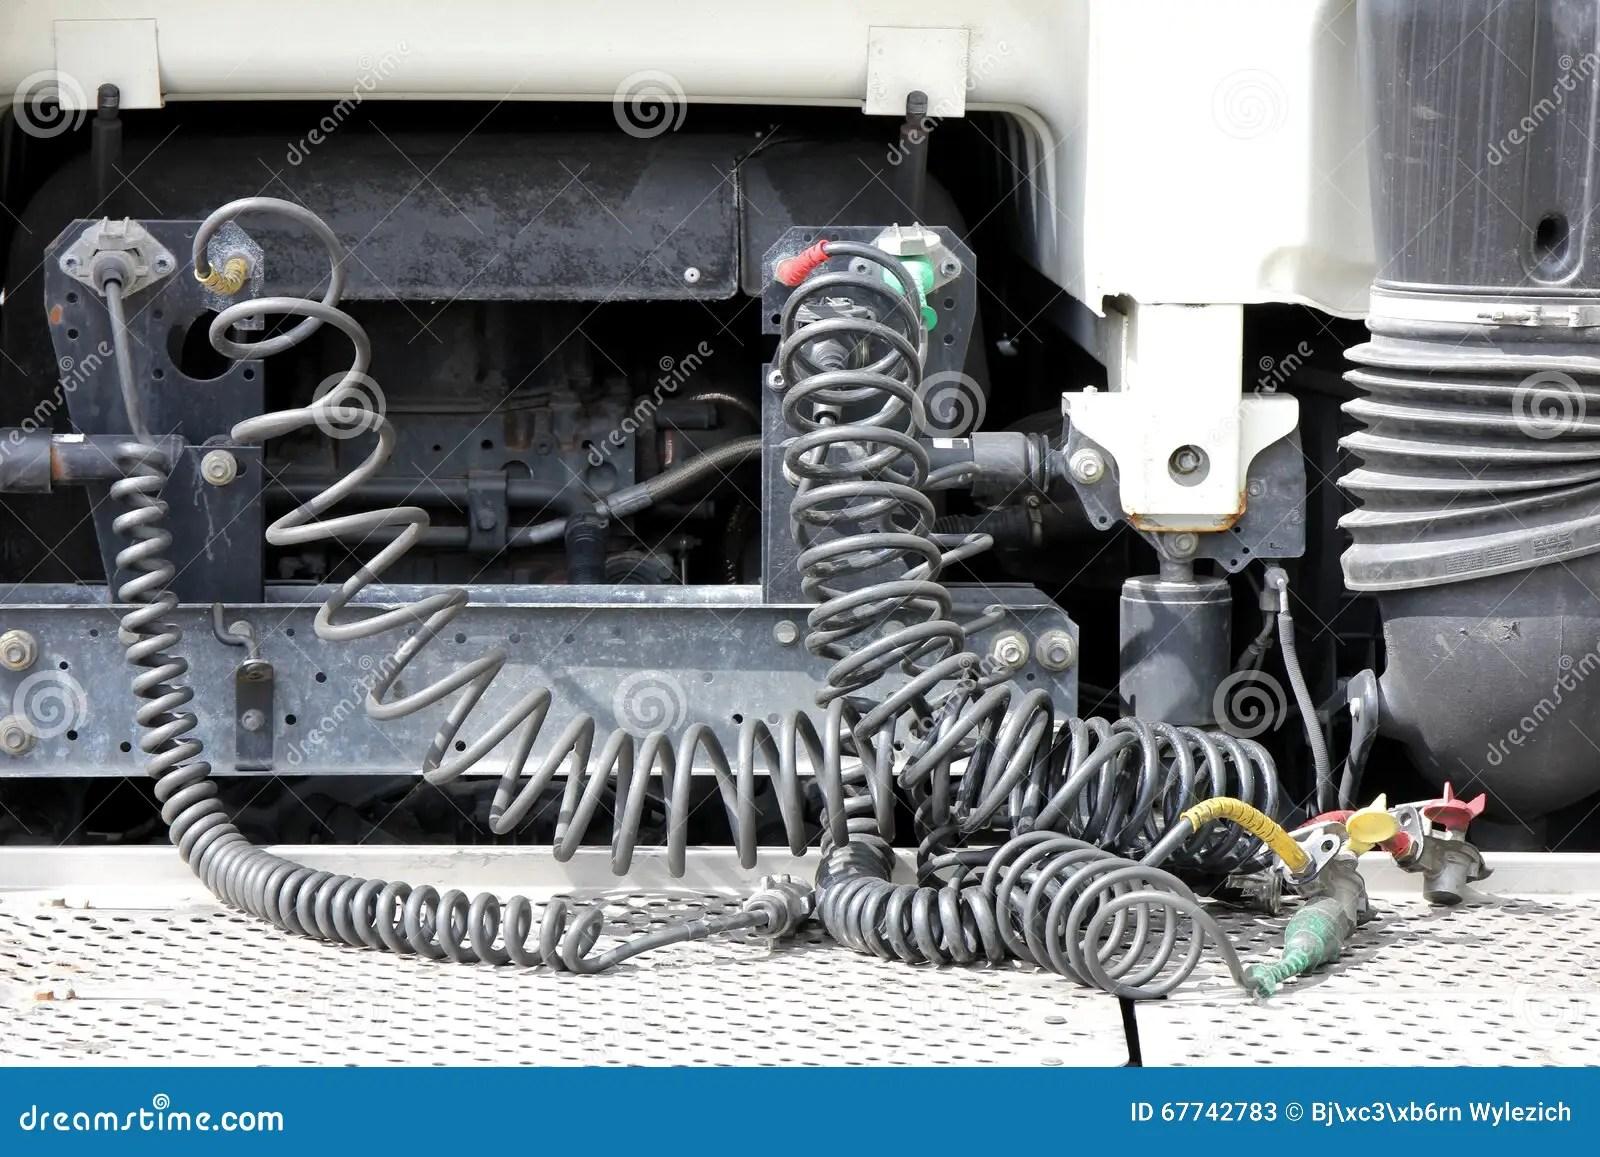 hight resolution of wiring diagrams website retrouvez toutes les marseille et se retrouver dans les plus grandes en marseille